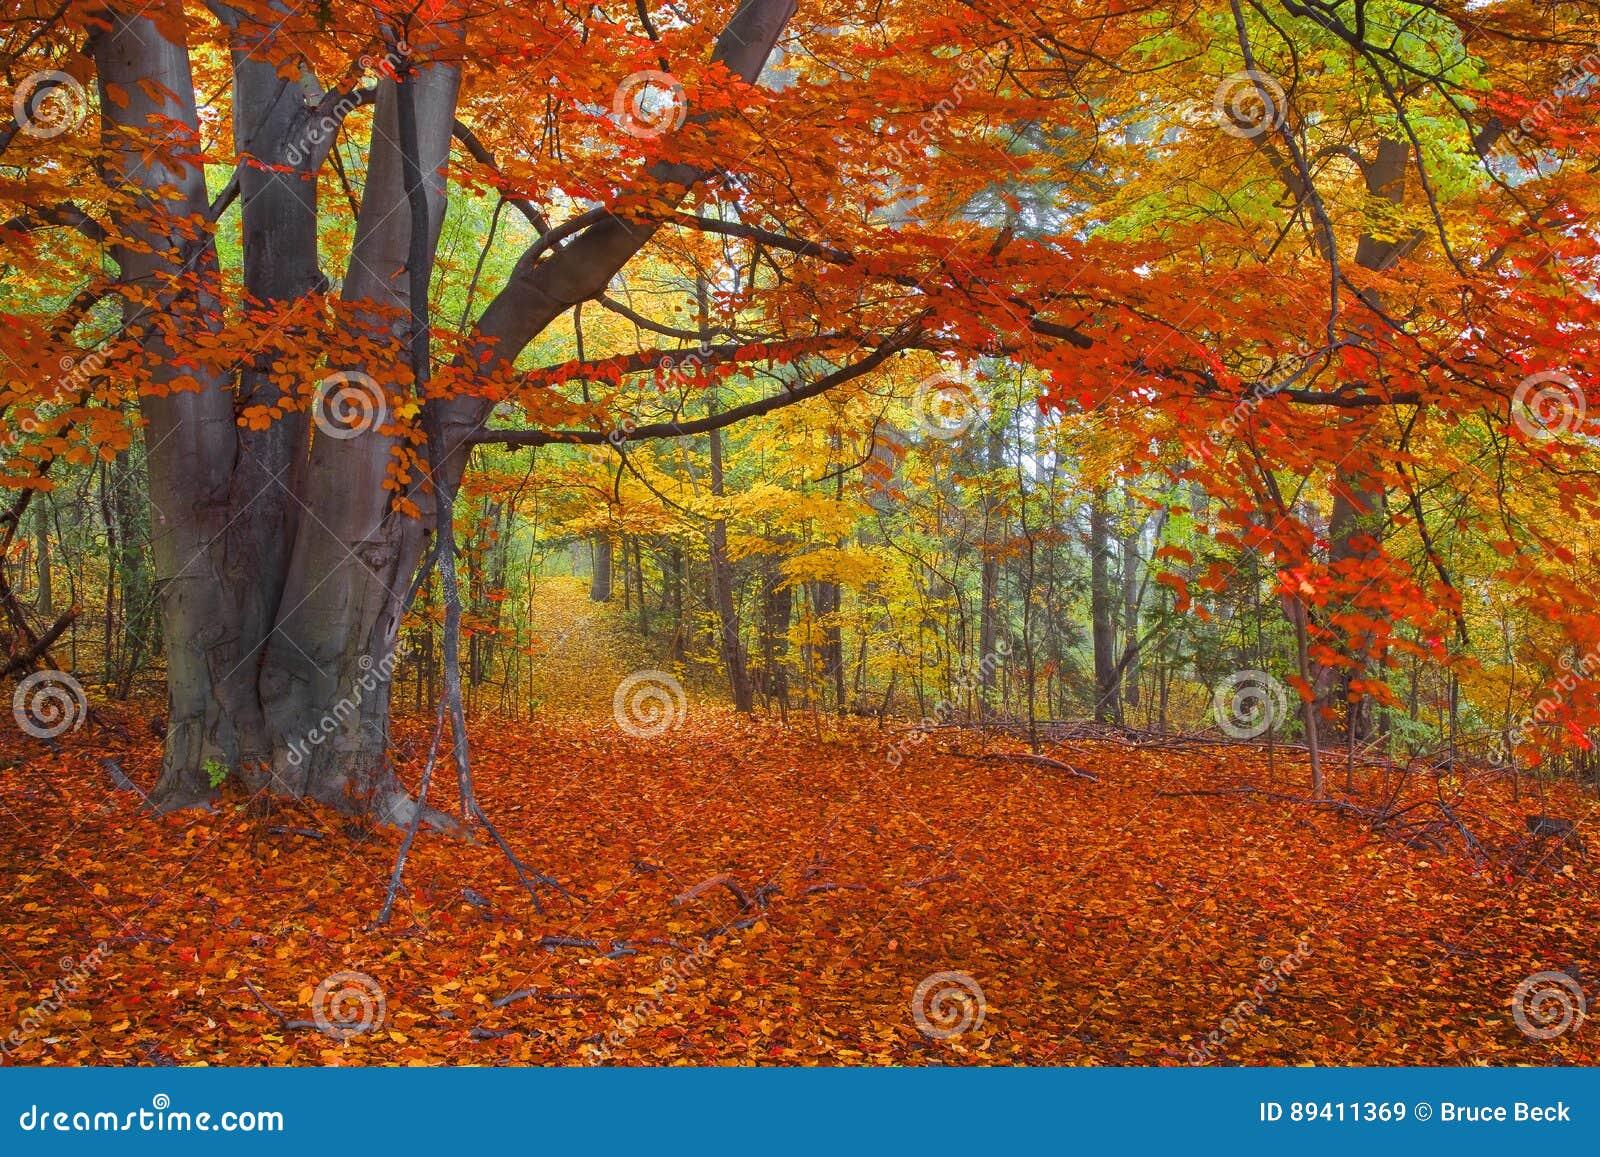 Autumn Colors brillante, trayectoria en el bosque